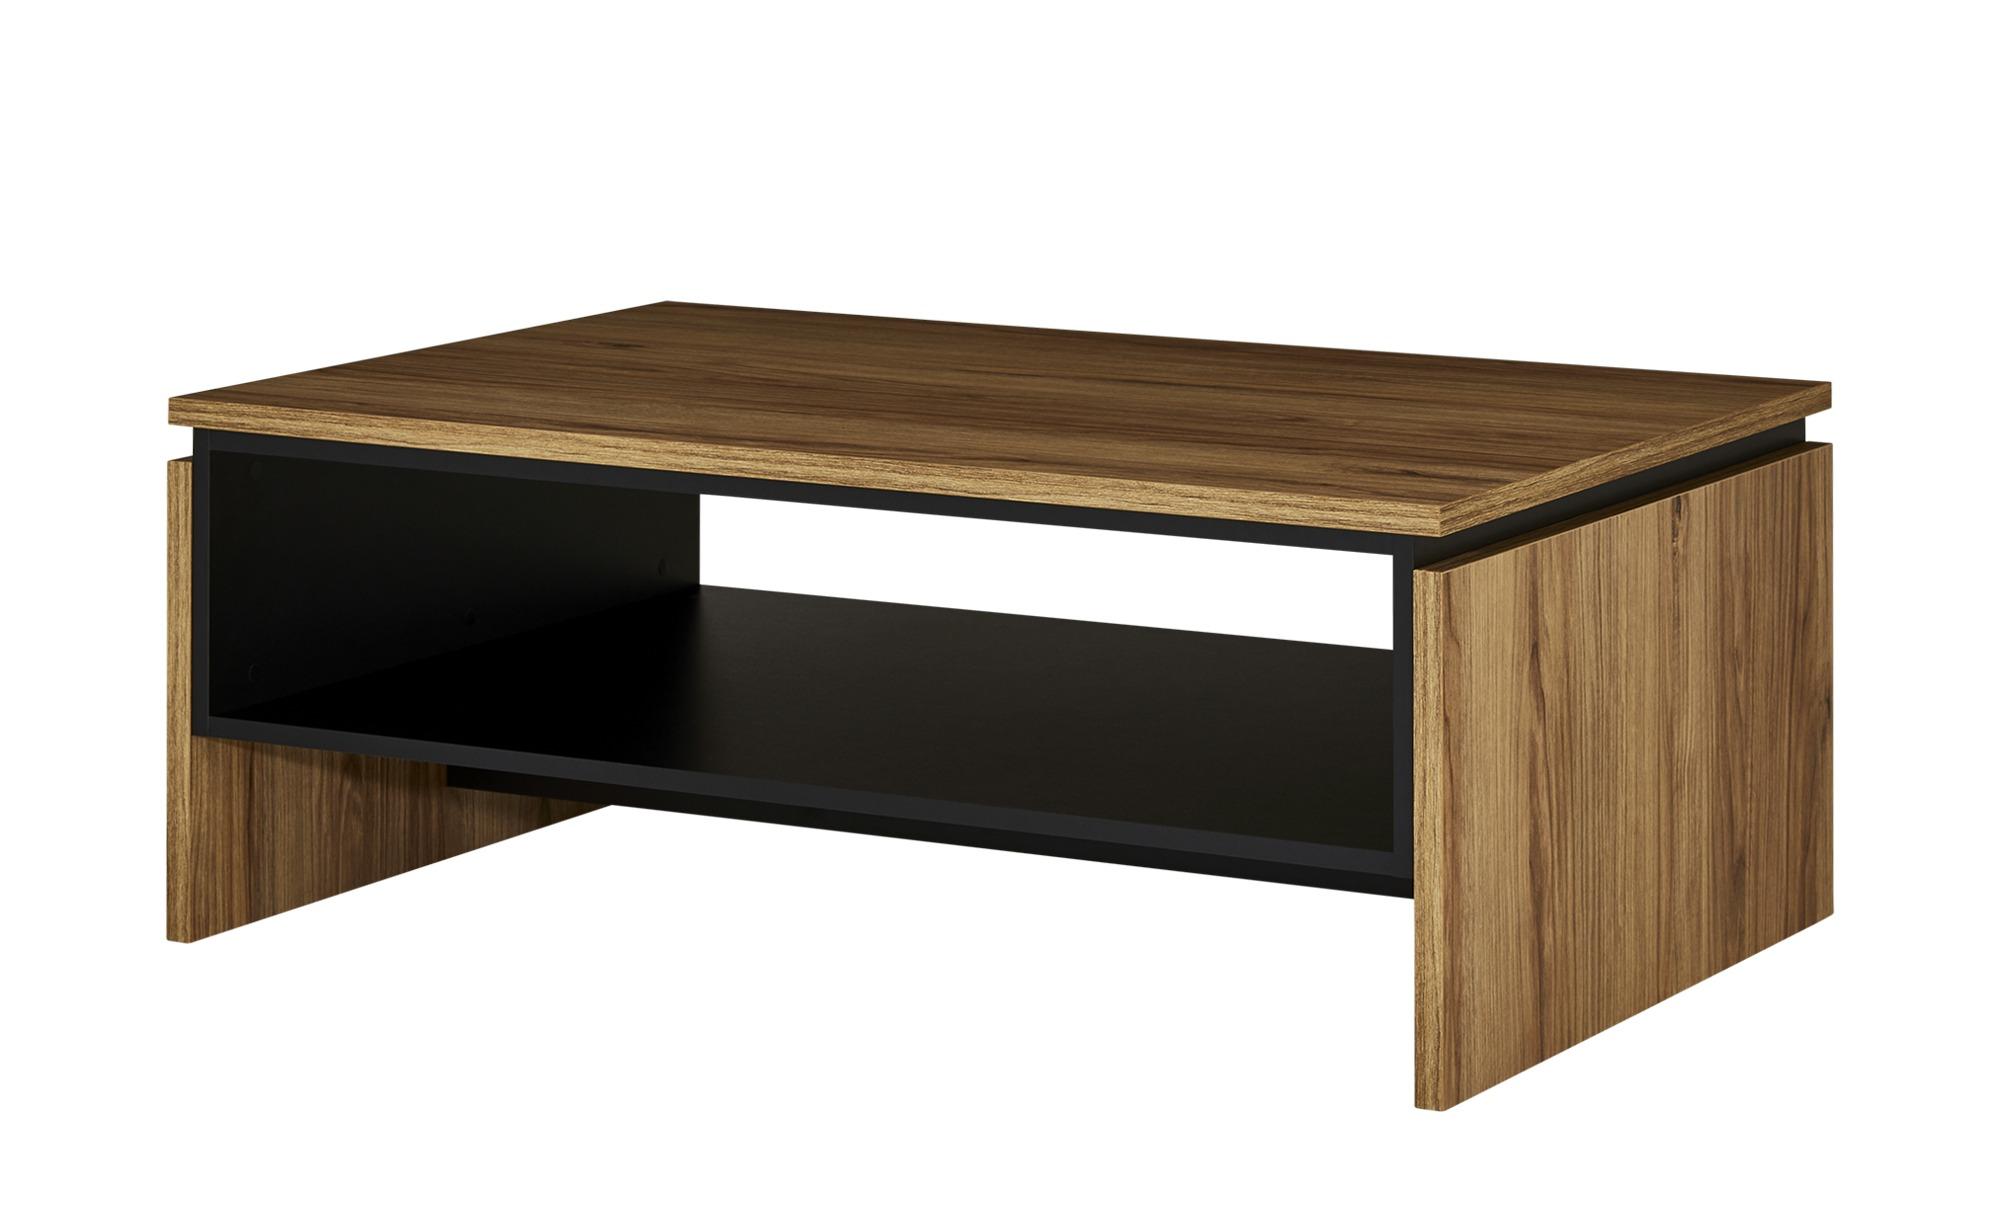 Couchtisch  Arezzo ¦ holzfarben ¦ Maße (cm): B: 70 H: 42,8 T: 42,8 Tische > Couchtische > Couchtische rechteckig - Höffner